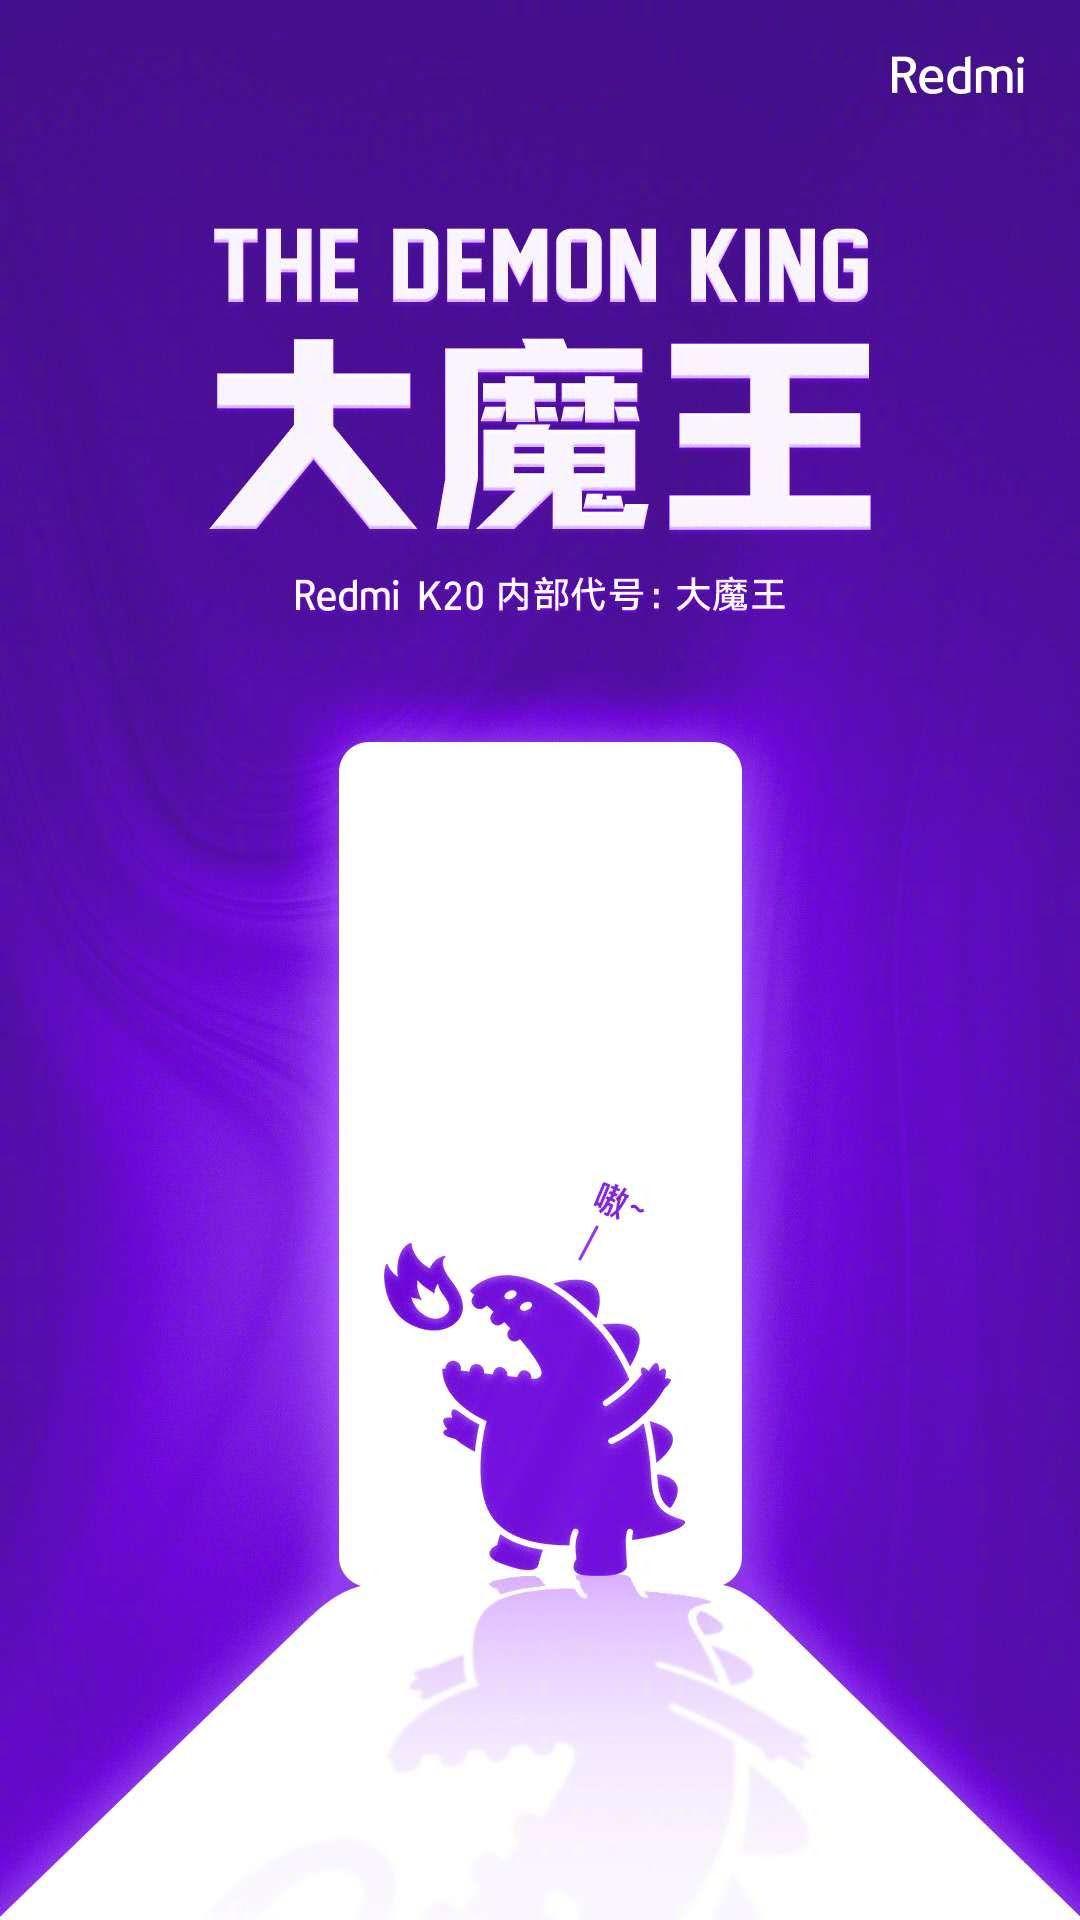 红米K20内部代号公布:大魔王